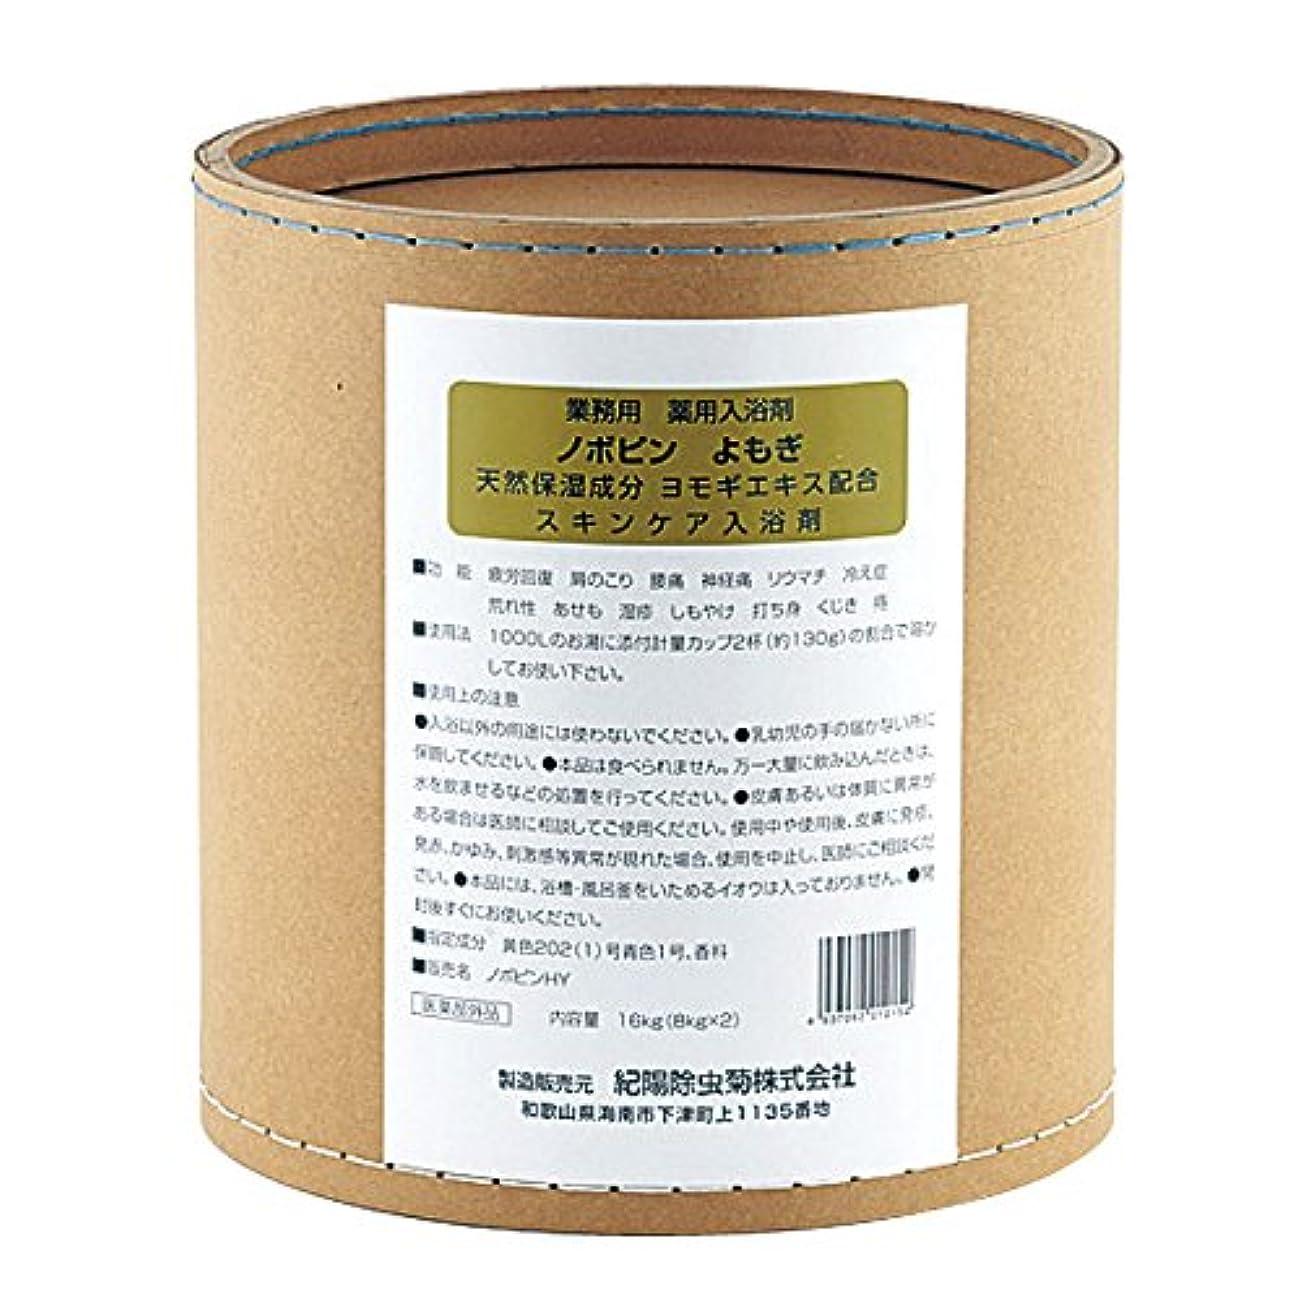 肌寒い行き当たりばったりペック業務用入浴剤ノボピンよもぎ16kg(8kg*2)